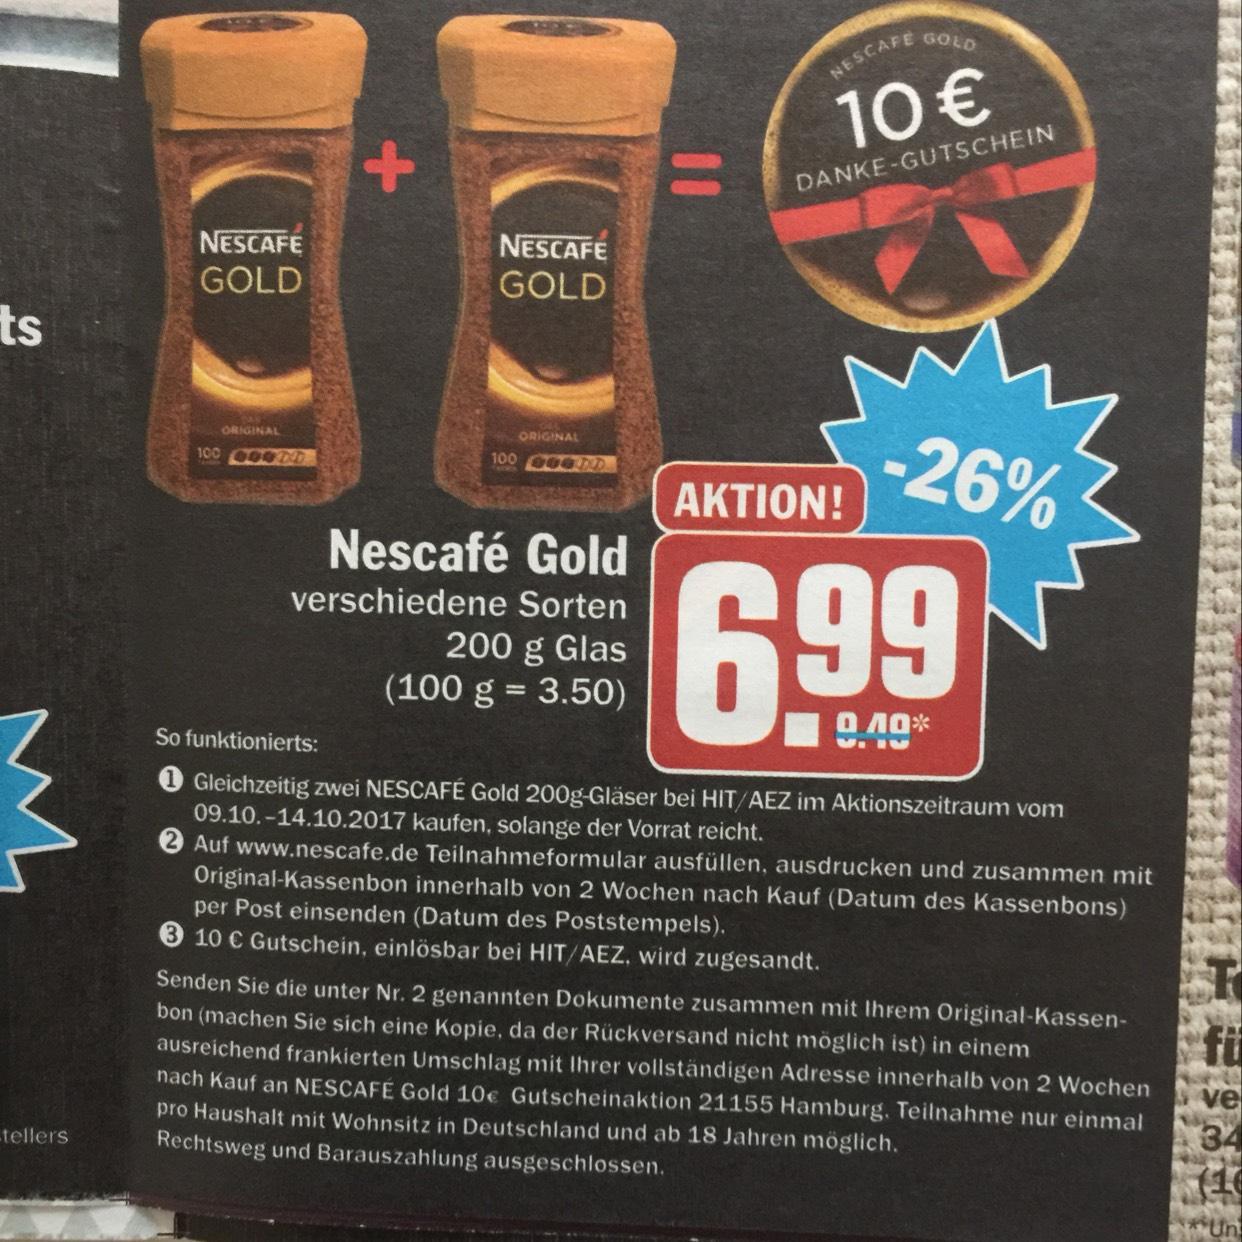 Online und Offline 2 Gläser Nescafe Gold für 13,98.- kaufen und 10 € Einkaufsgutschein sichern